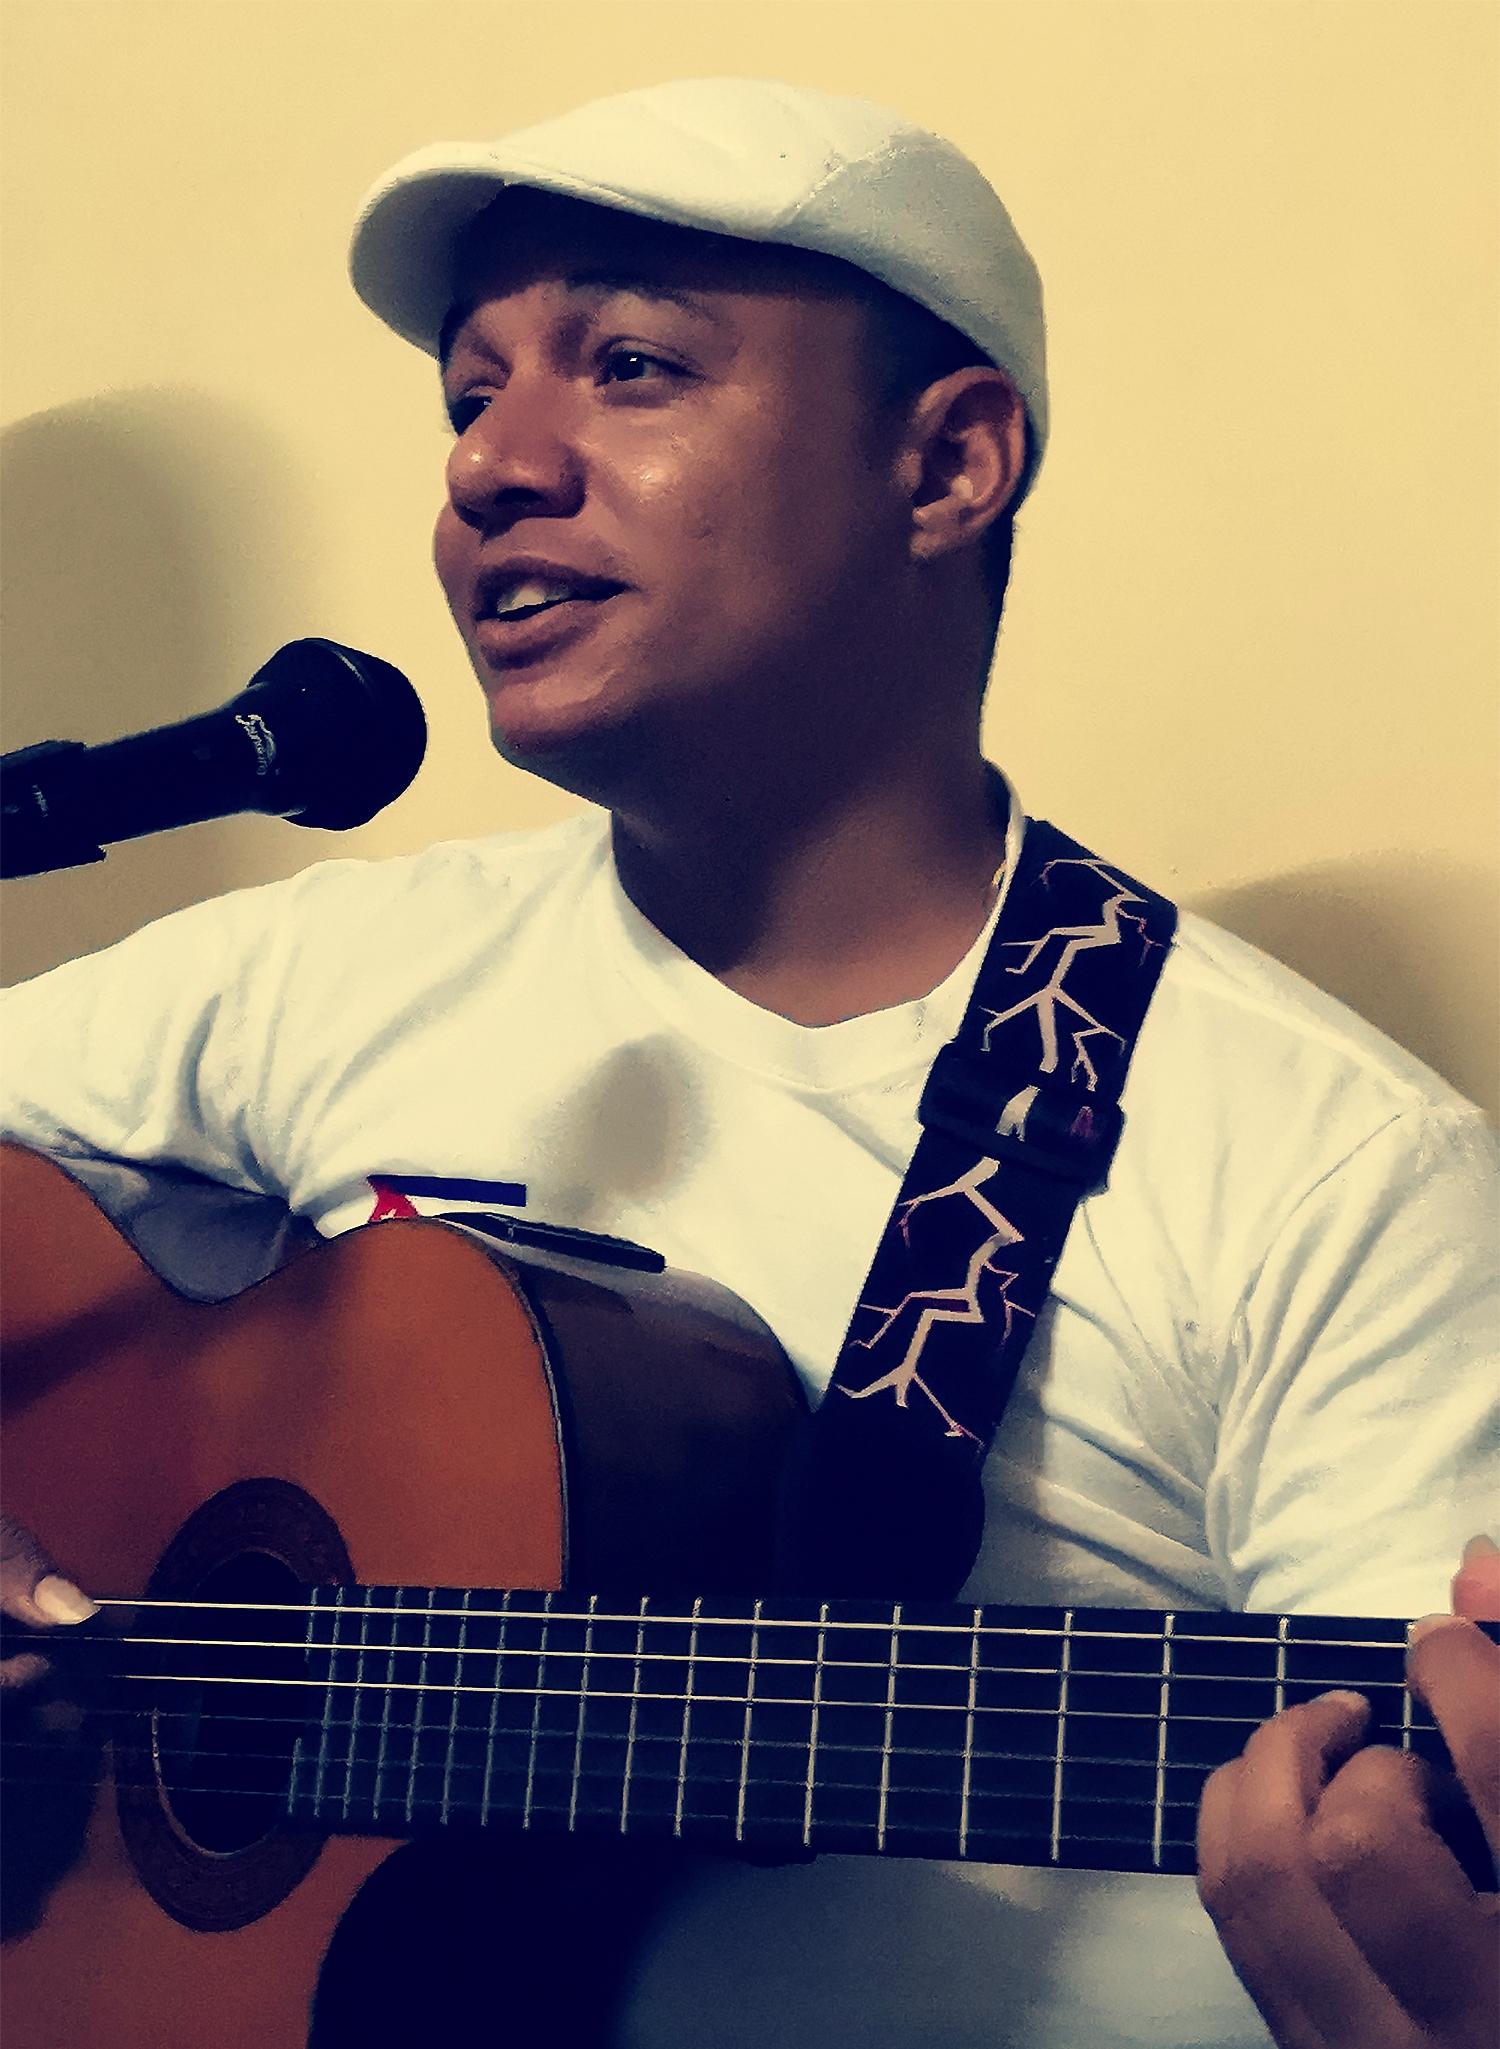 Giannys, guitarra en mano va